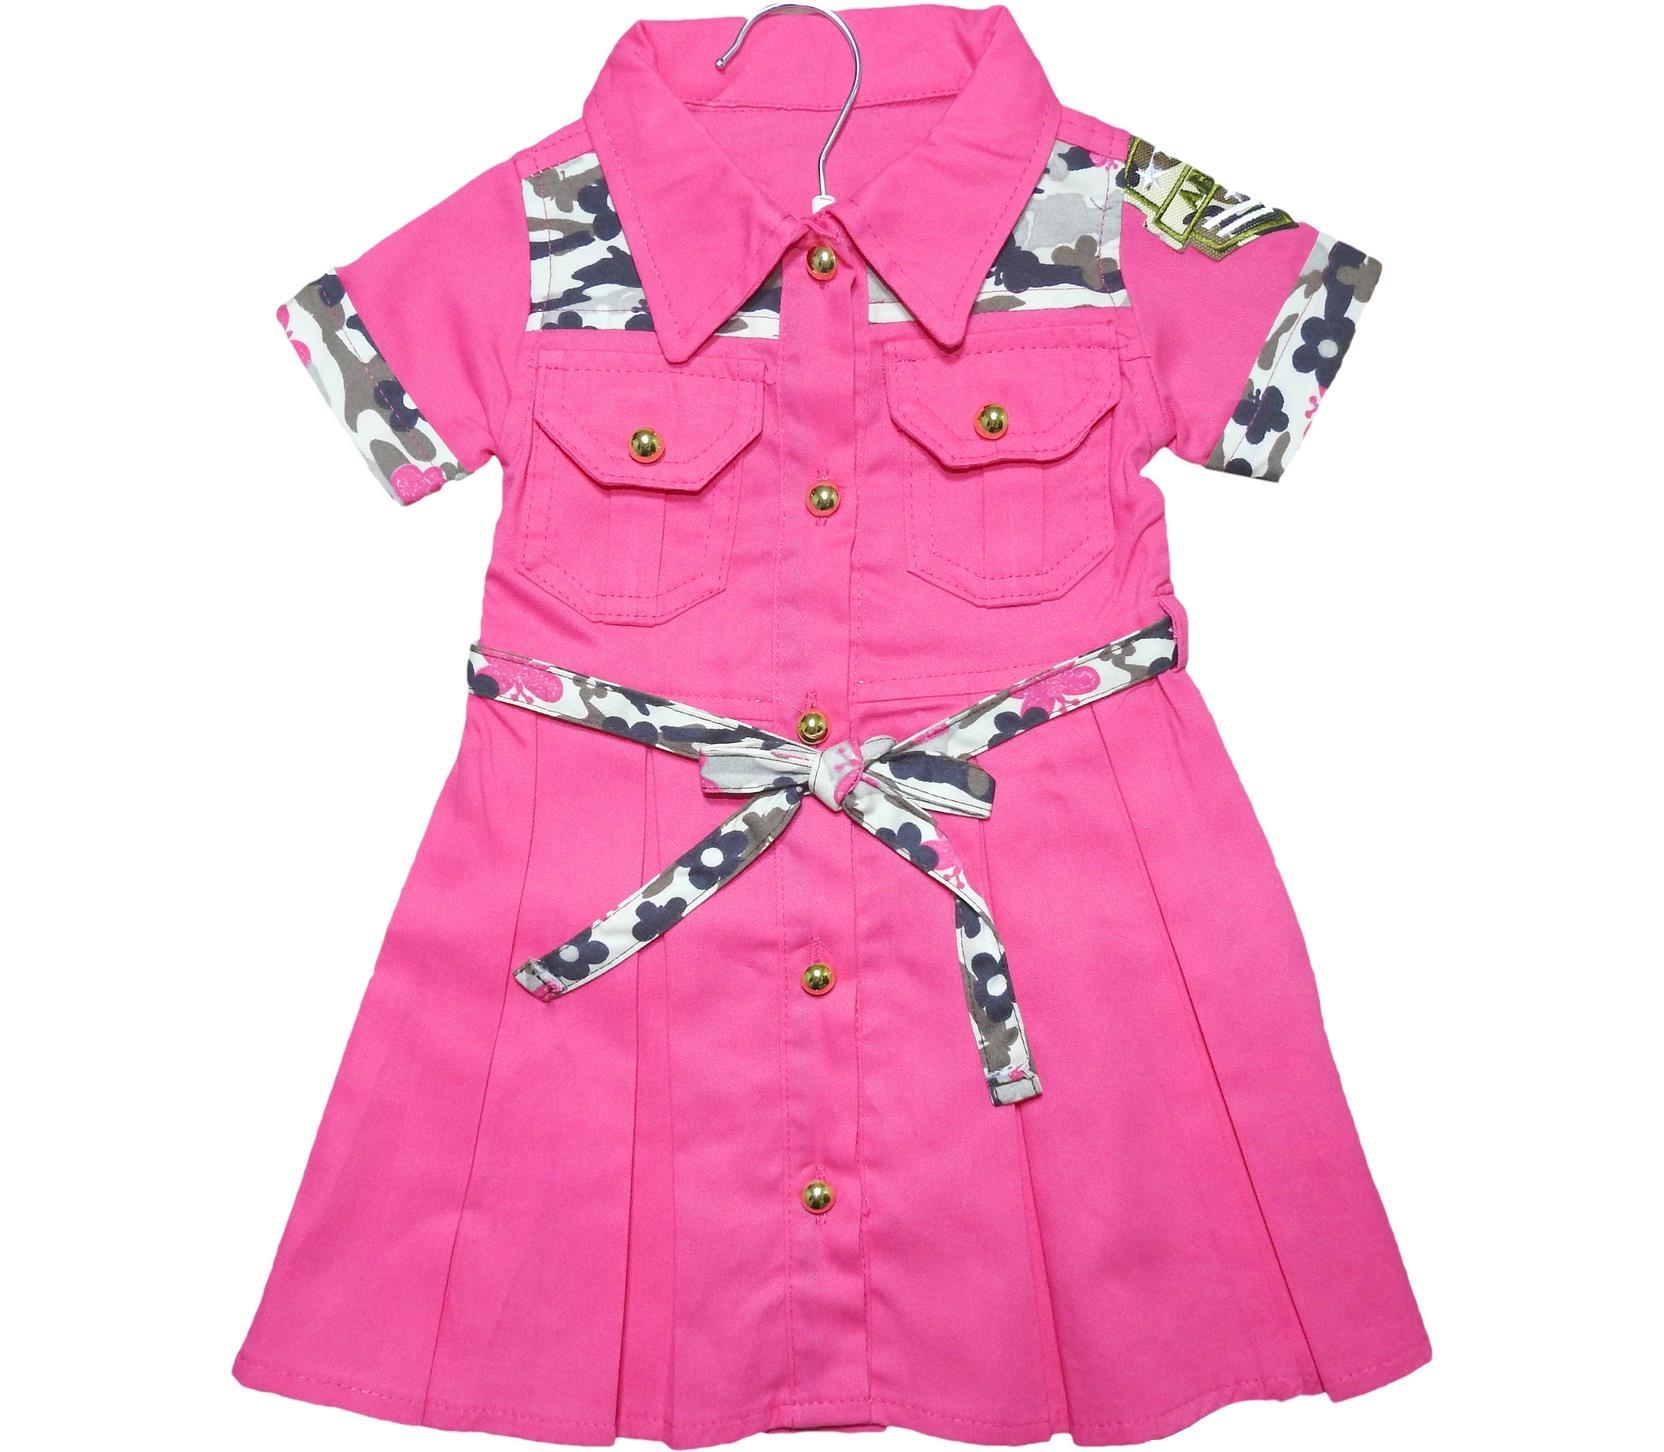 بالصور ملابس بيبي , اجمل ملابس للاطفال حديثي الولاده كيوت 3471 2